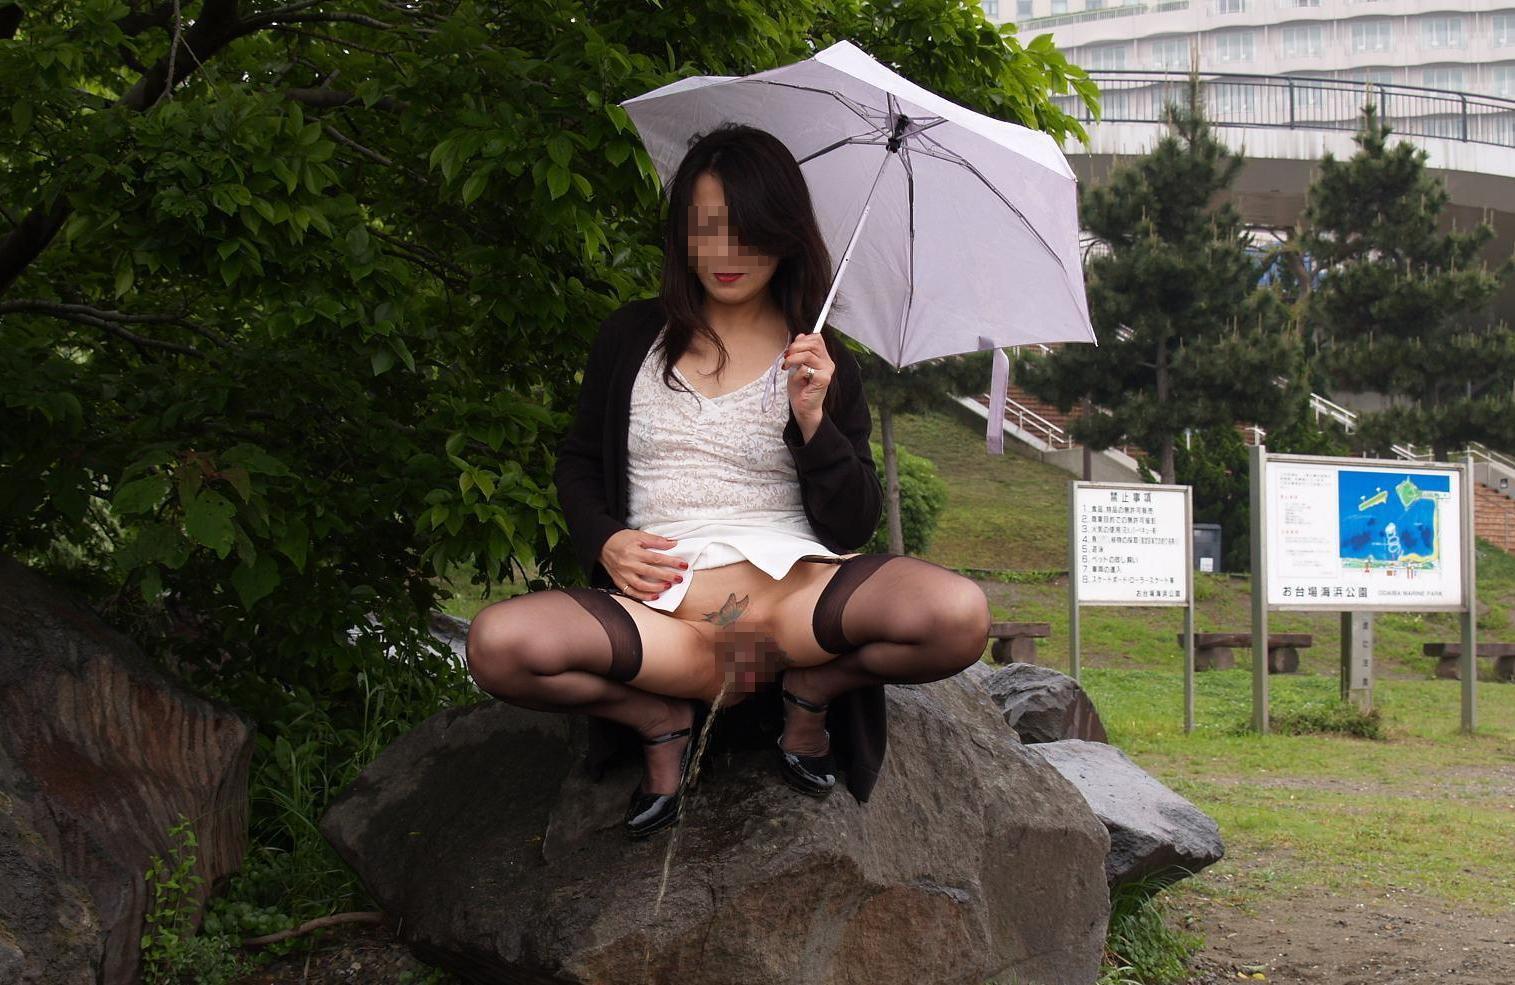 おばさん おしっこ 野外 放尿 熟女 エロ画像【10】